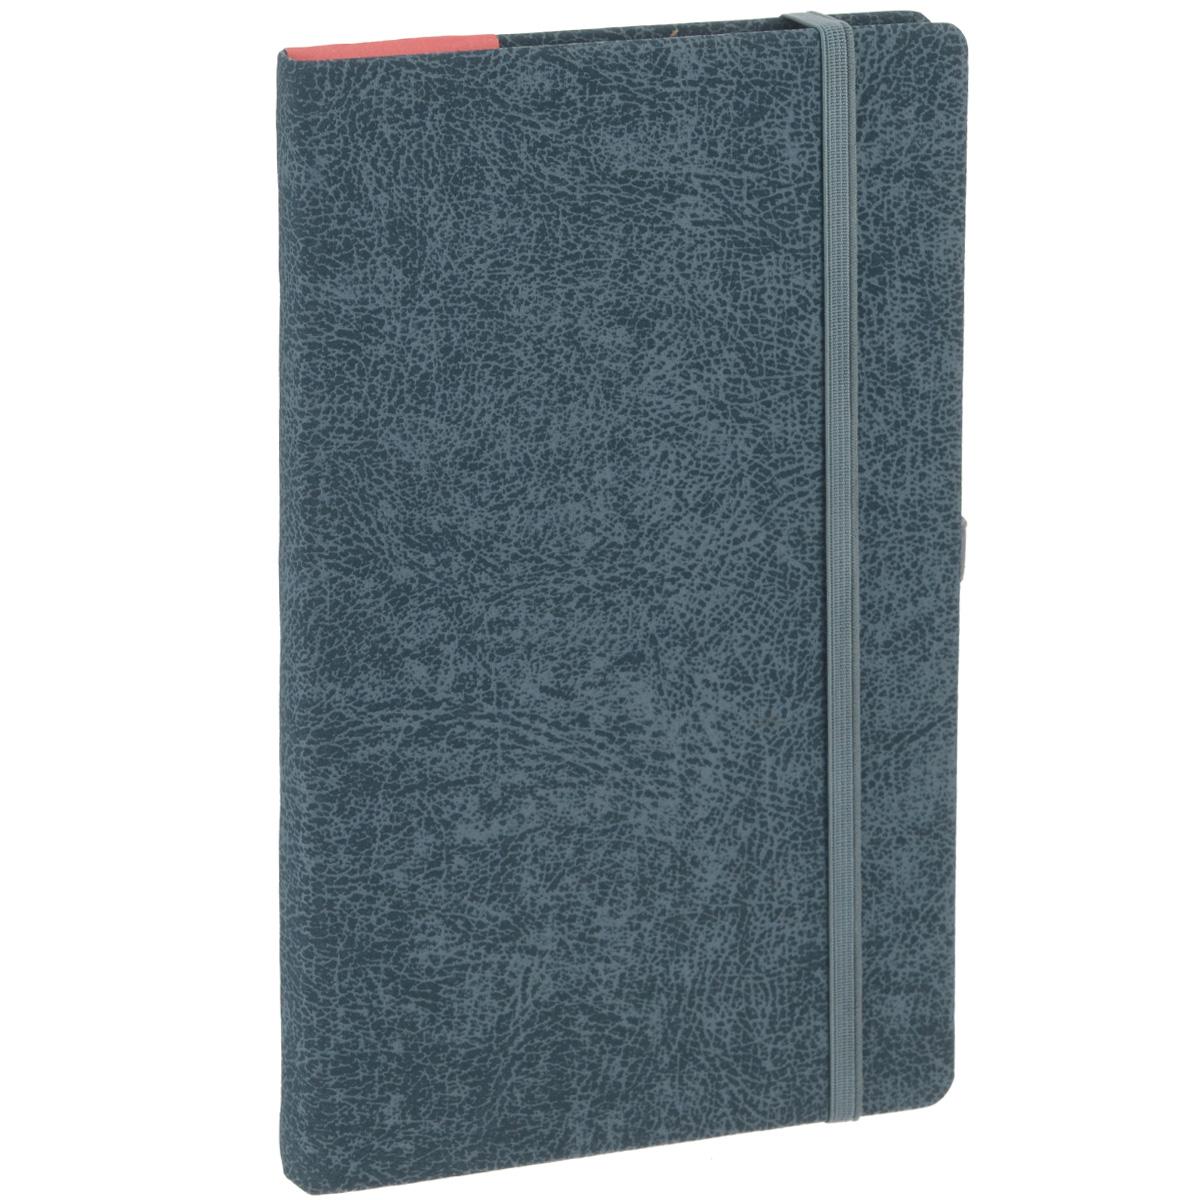 Записная книжка Erich Krause Perfect, цвет: серый, 96 листов36768Записная книжка Erich Krause Perfect - это дополнительный штрих к вашему имиджу. Демократичная в своем содержании, книжка может быть использована не только для личных пометок и записей, но и как недатированный ежедневник. Надежная твердая обложка из плотного картона с тиснением под кожу сохранит ее в аккуратном состоянии на протяжении всего времени использования. Плотная в линейку бумага белого цвета, закладка-ляссе, практичные скругленные углы, эластичная петелька для ручки и внутренний бумажный карман на задней обложке - все это обеспечит вам истинное удовольствие от письма. В начале книжки имеется страничка для заполнения личных данных владельца, четыре страницы для заполнения адресов, телефонов и интернет-почты и четыре страницы для заполнения сайтов и ссылок. Благодаря небольшому формату книжку легко взять с собой. Записная книжка плотно закрывается при помощи фиксирующей резинки.